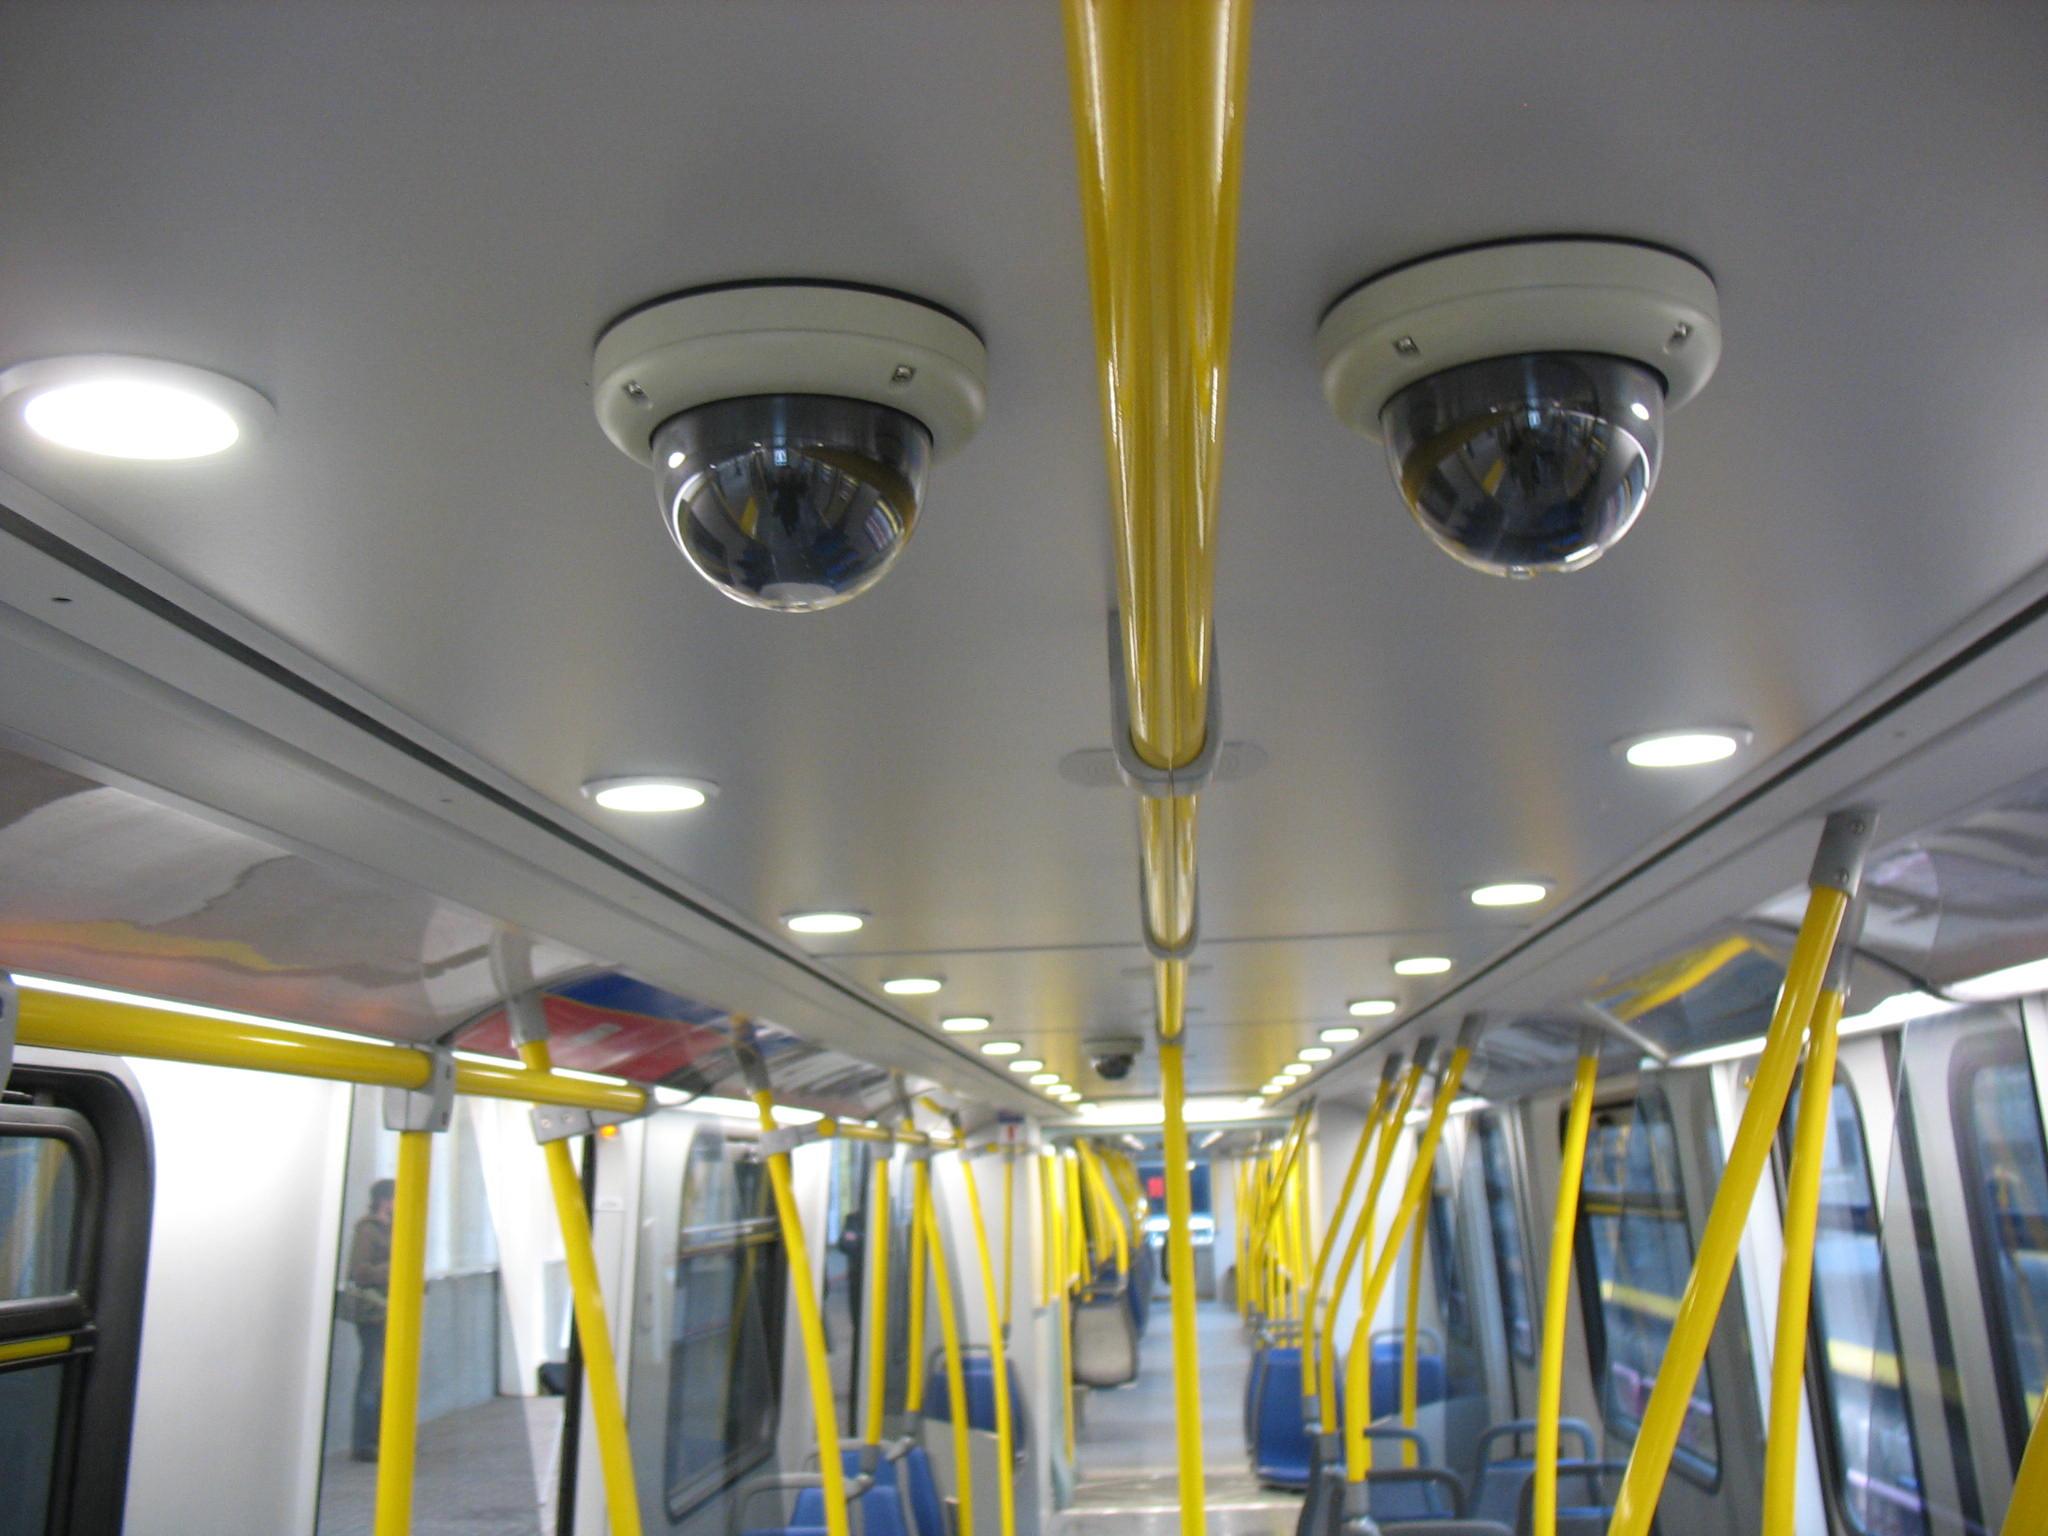 Four CCTV cameras are in each SkyTrain car.